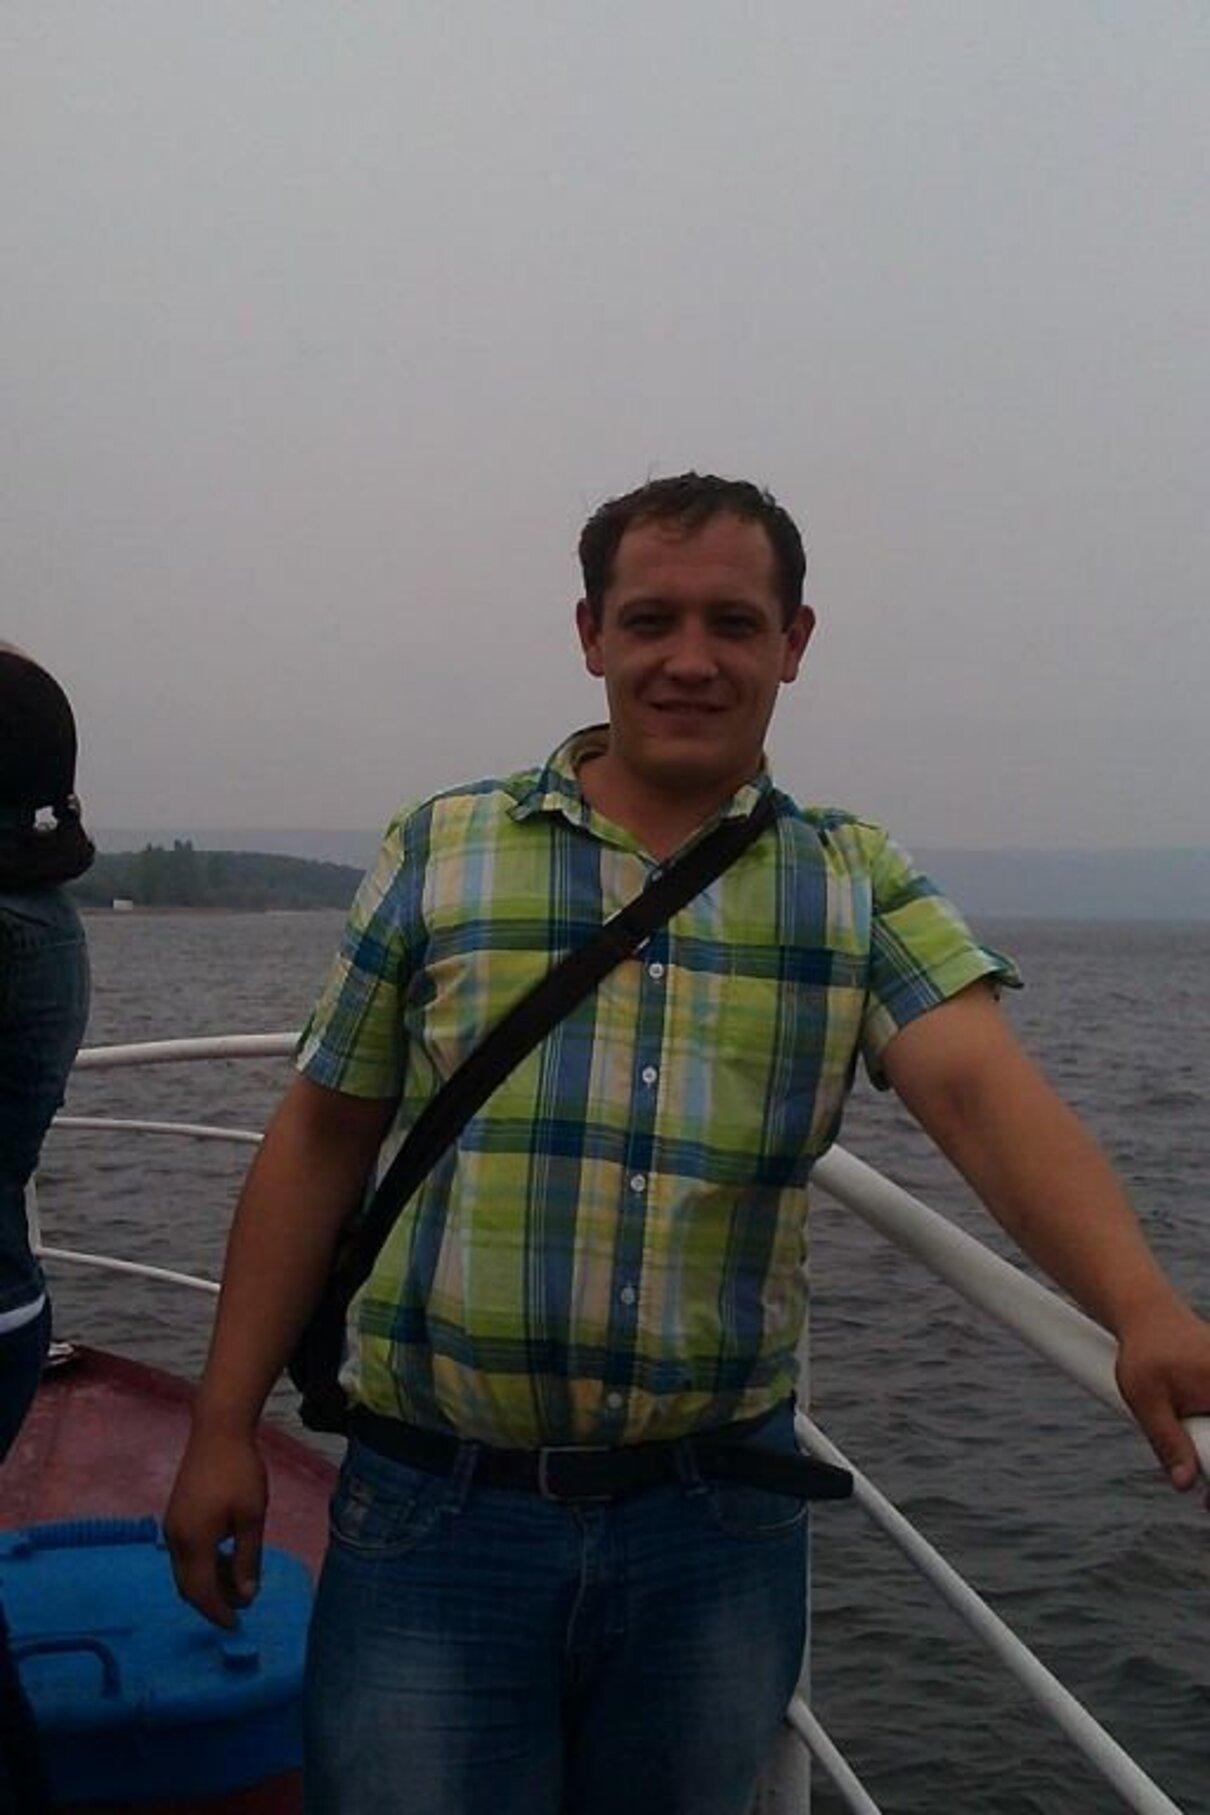 Жалоба-отзыв: Амфимиади Эдуард Автондилович - Амфимиади Эдуард Автондилович.  Фото №1